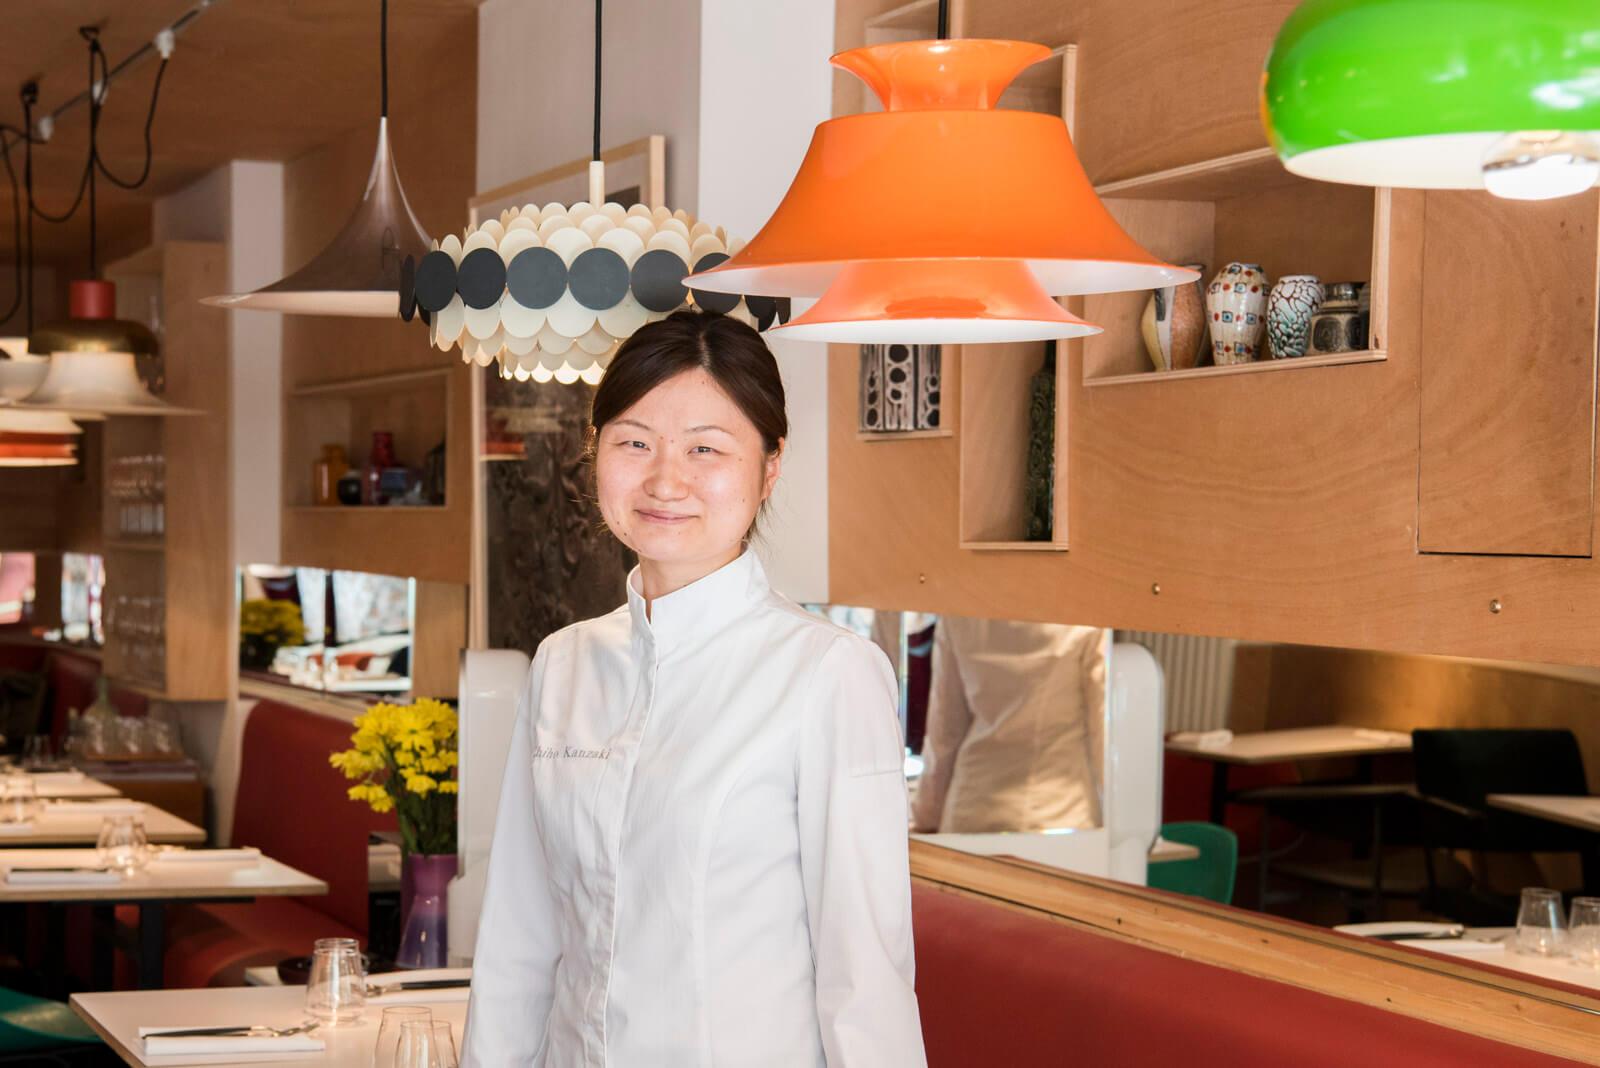 神崎 千帆(かんざき・ちほ)さん。パリ12区のレストラン「Virtus」のシェフ(料理長)。調理師学校卒業後、20歳で渡仏。 一つ星、二つ星、三つ星レストランでの研修後、フランス・マントンの二つ星レストラン「Mirazur」でのスーシェフ(副料理長)を経て現在に至る。2017年8月には世界中の有名シェフが参加する国際的な料理イベント「Gelinaz」に日本人として唯一参加するなど、その活躍を世界に広げている